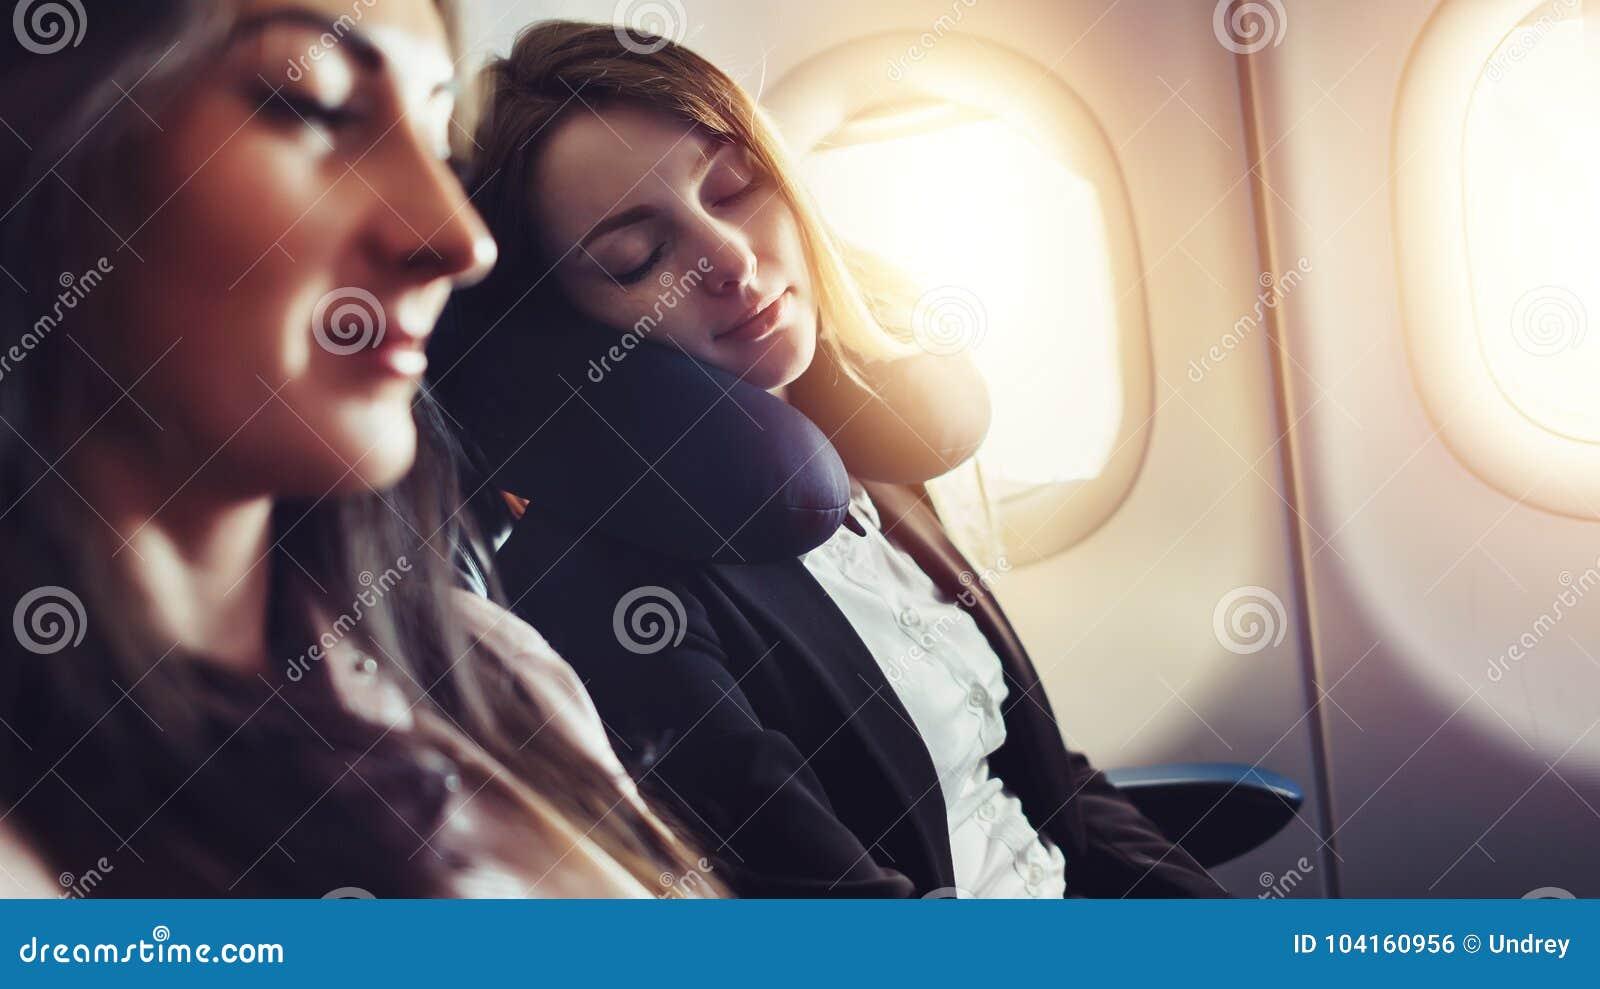 Meisjes die door vliegtuig reizen Een vrouwelijke passagiersslaap op halskussen in vliegtuig